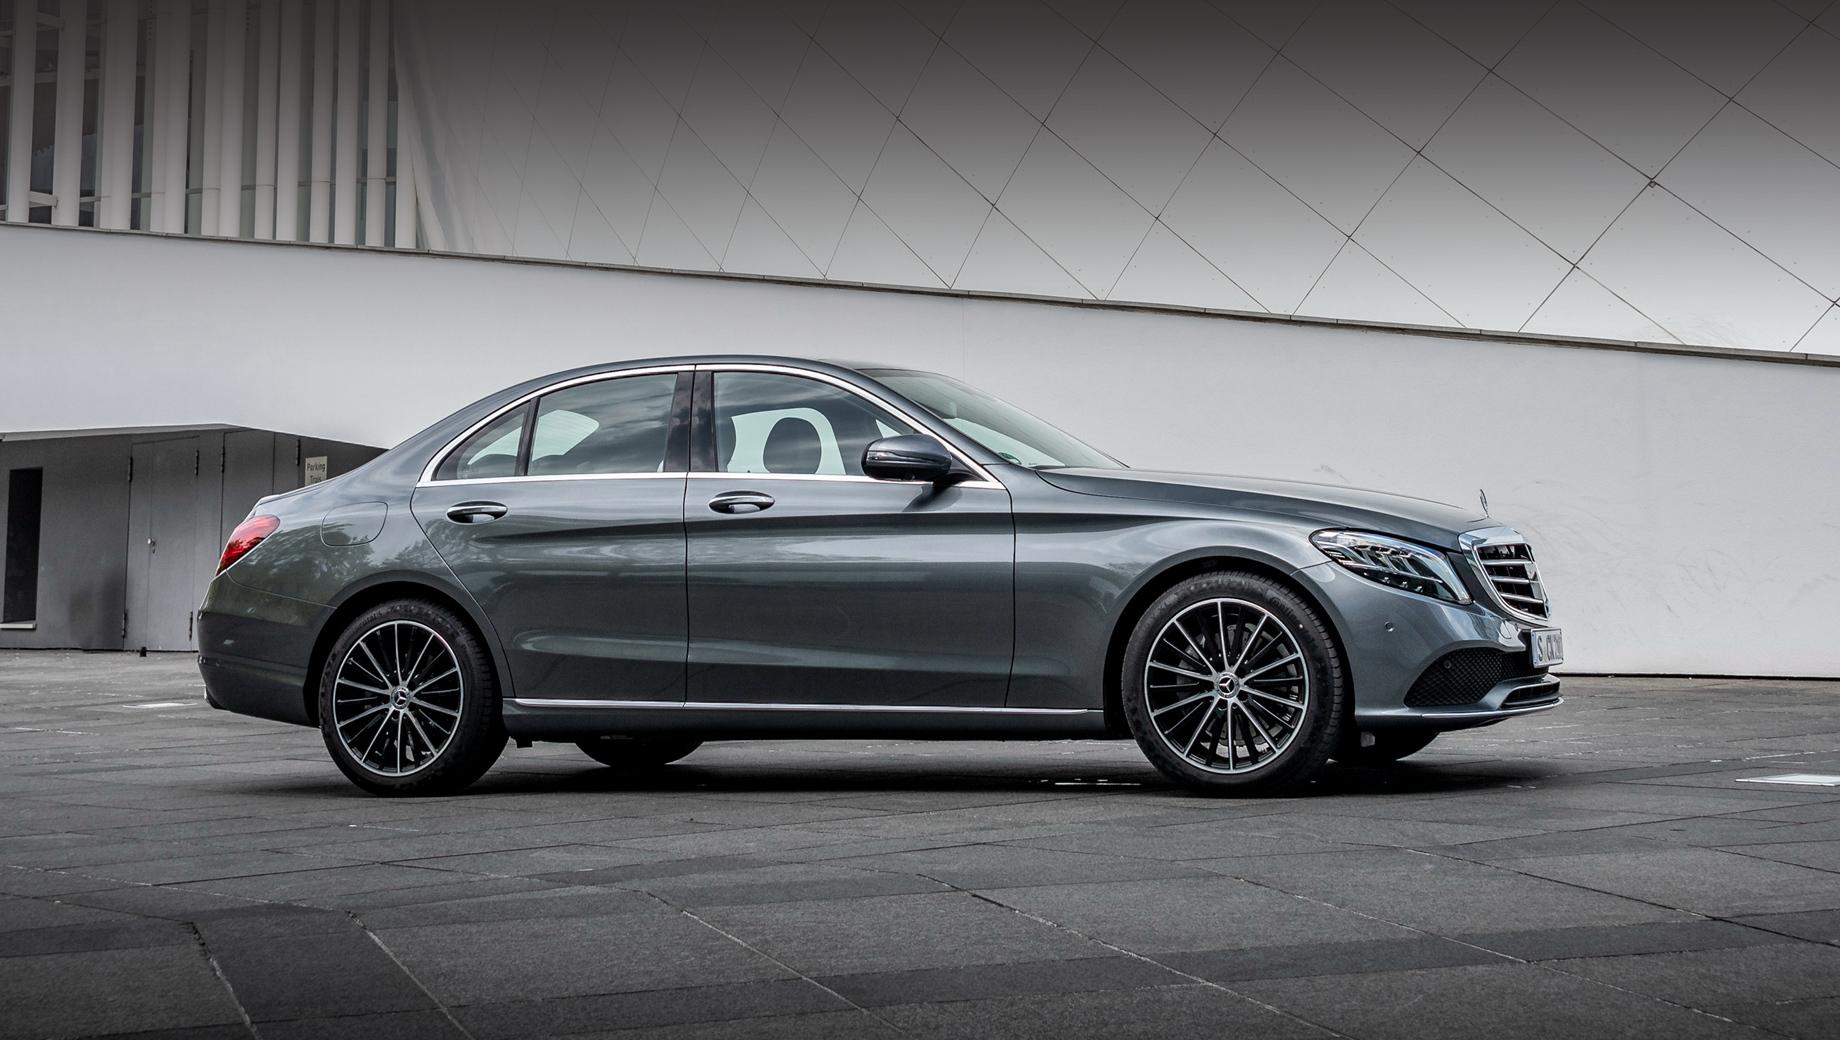 Mercedes c. Список кодов VIN машин, попавших под данный отзыв, можно скачать со страницы Росстандарта.